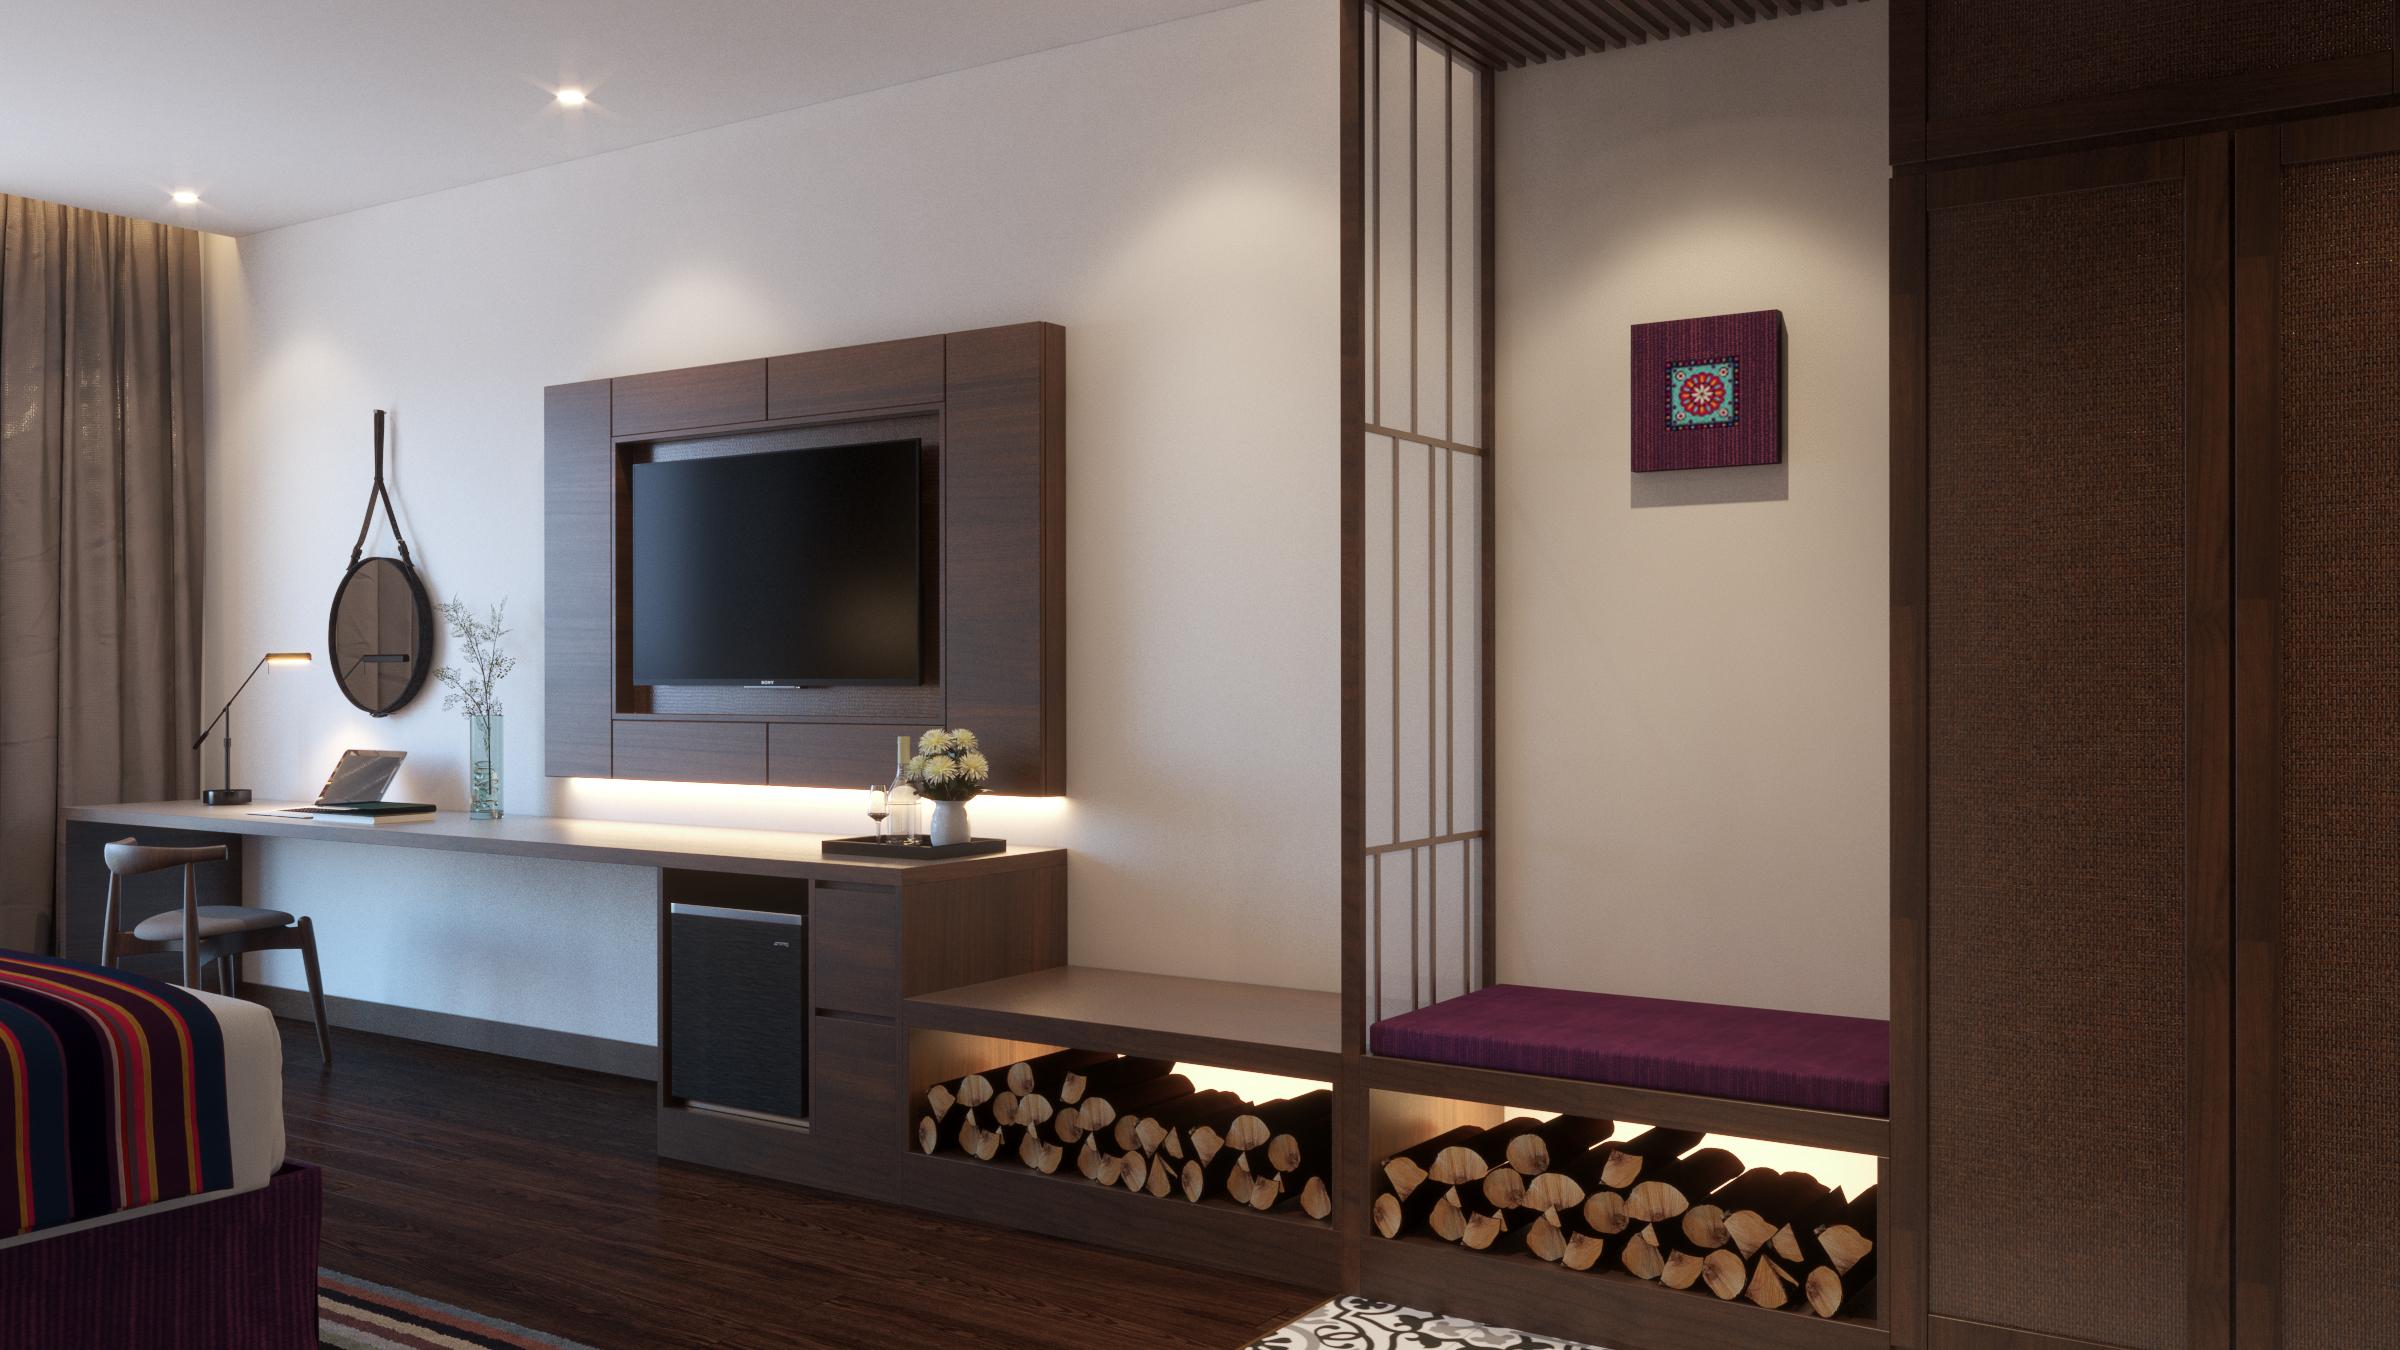 thiết kế nội thất Resort tại Lào Cai Concept khách sạn Sapa 7 1531903078